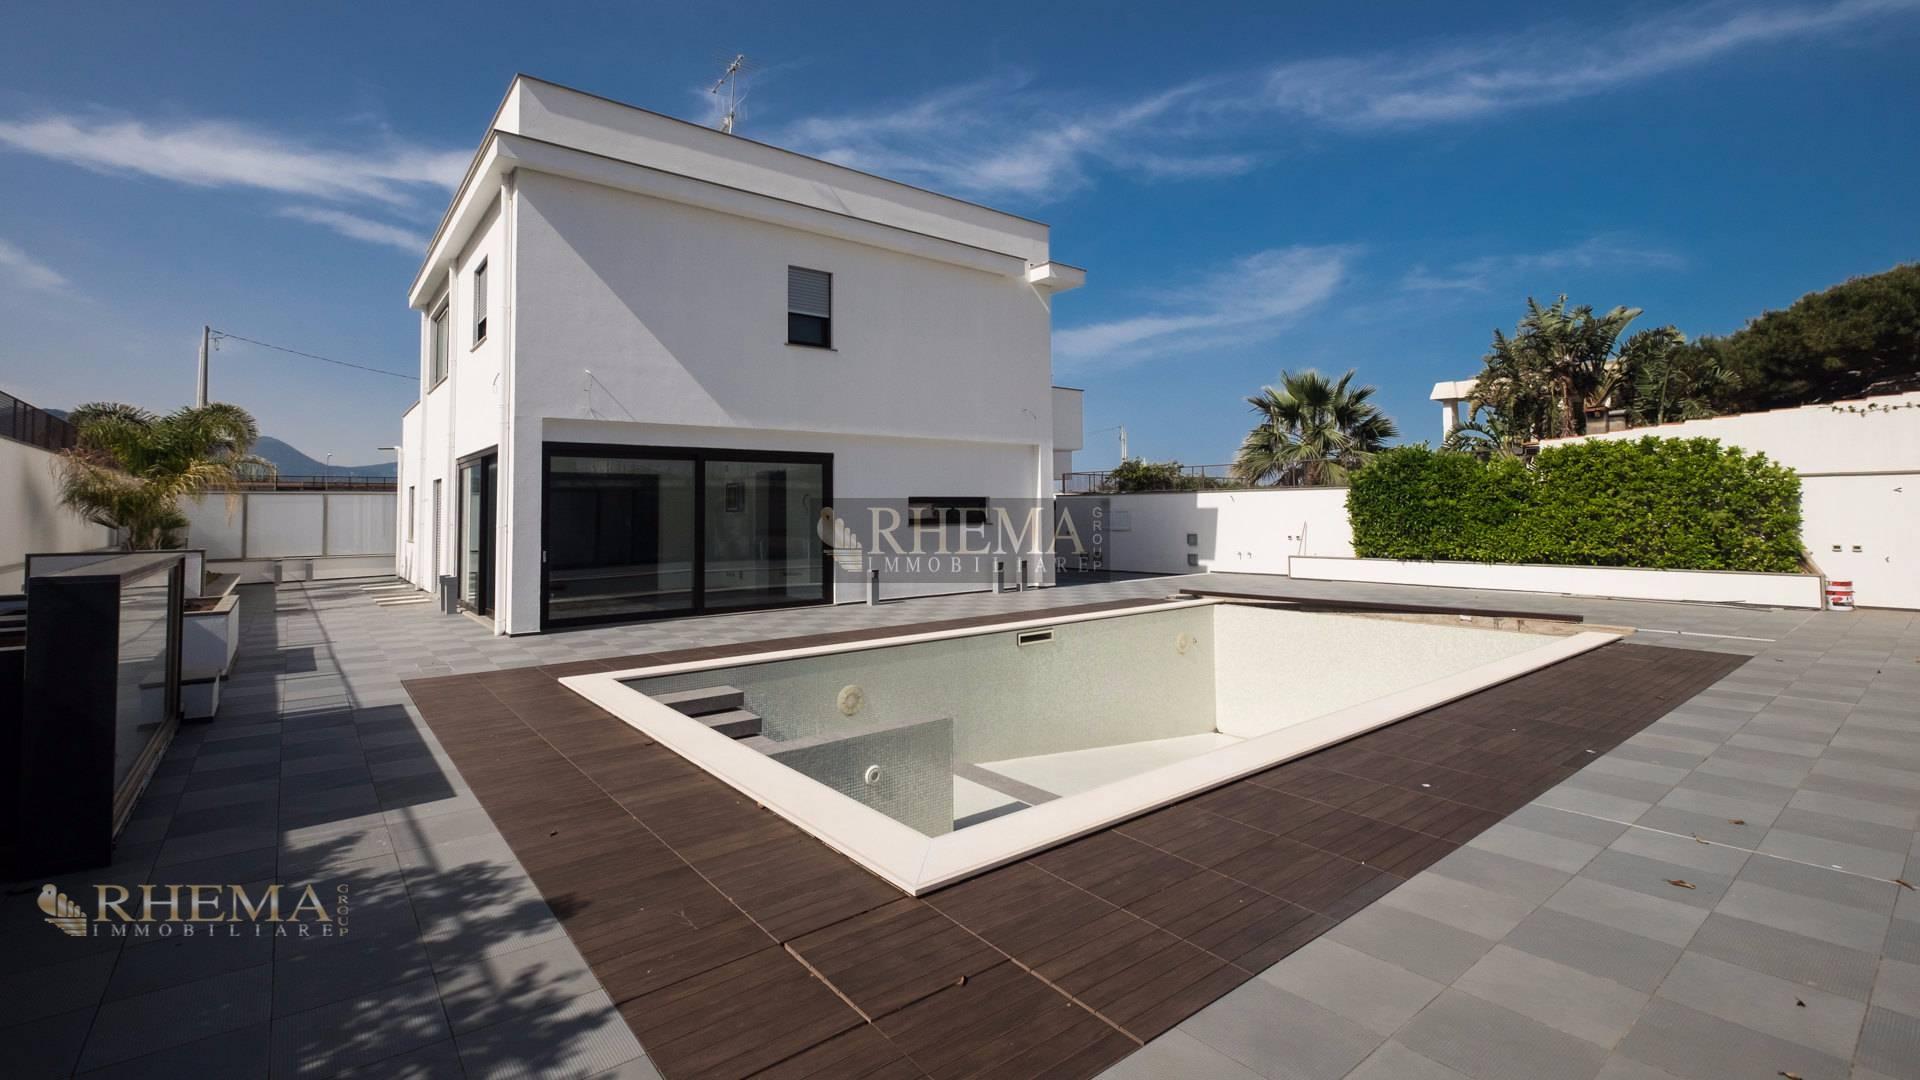 Villa in vendita a Isola delle Femmine, 10 locali, prezzo € 870.000 | Cambio Casa.it